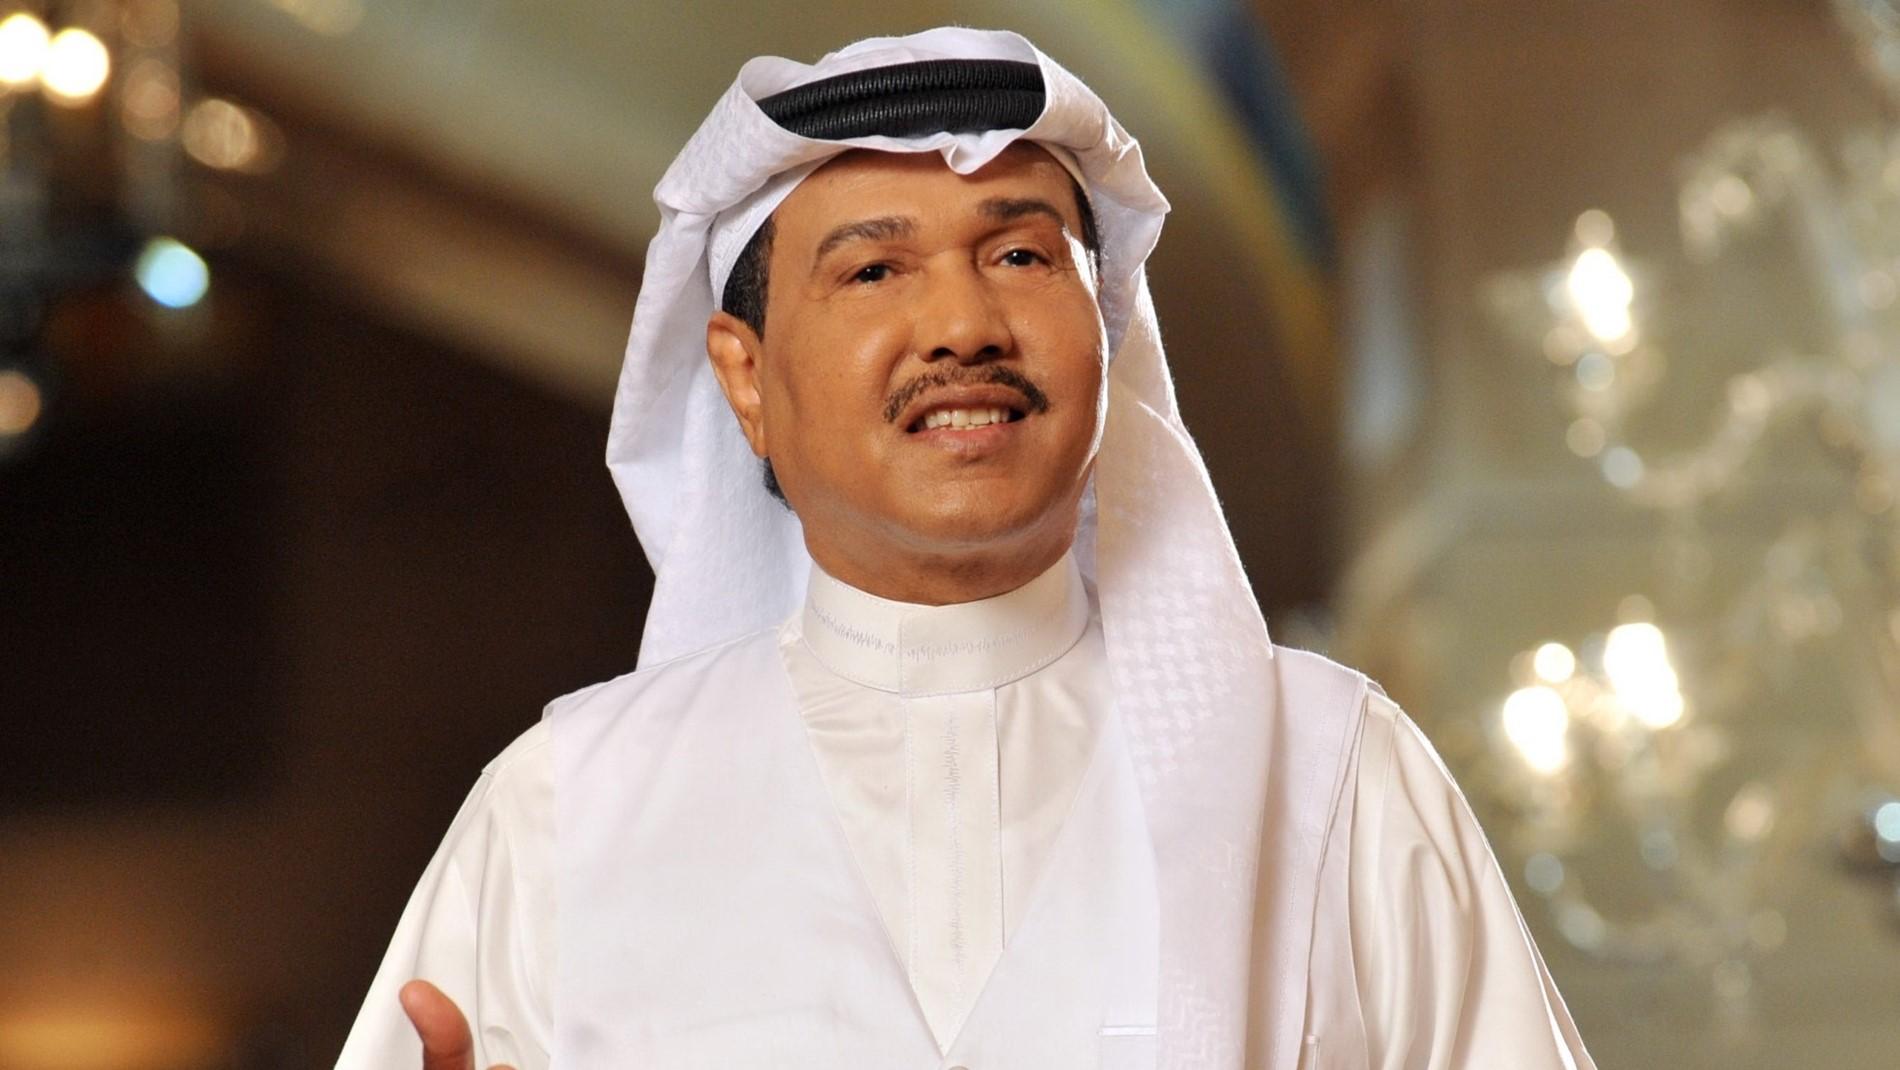 ماجد المهندس وراشد الماجد ومحمد عبده يُحيون حفلات العيد